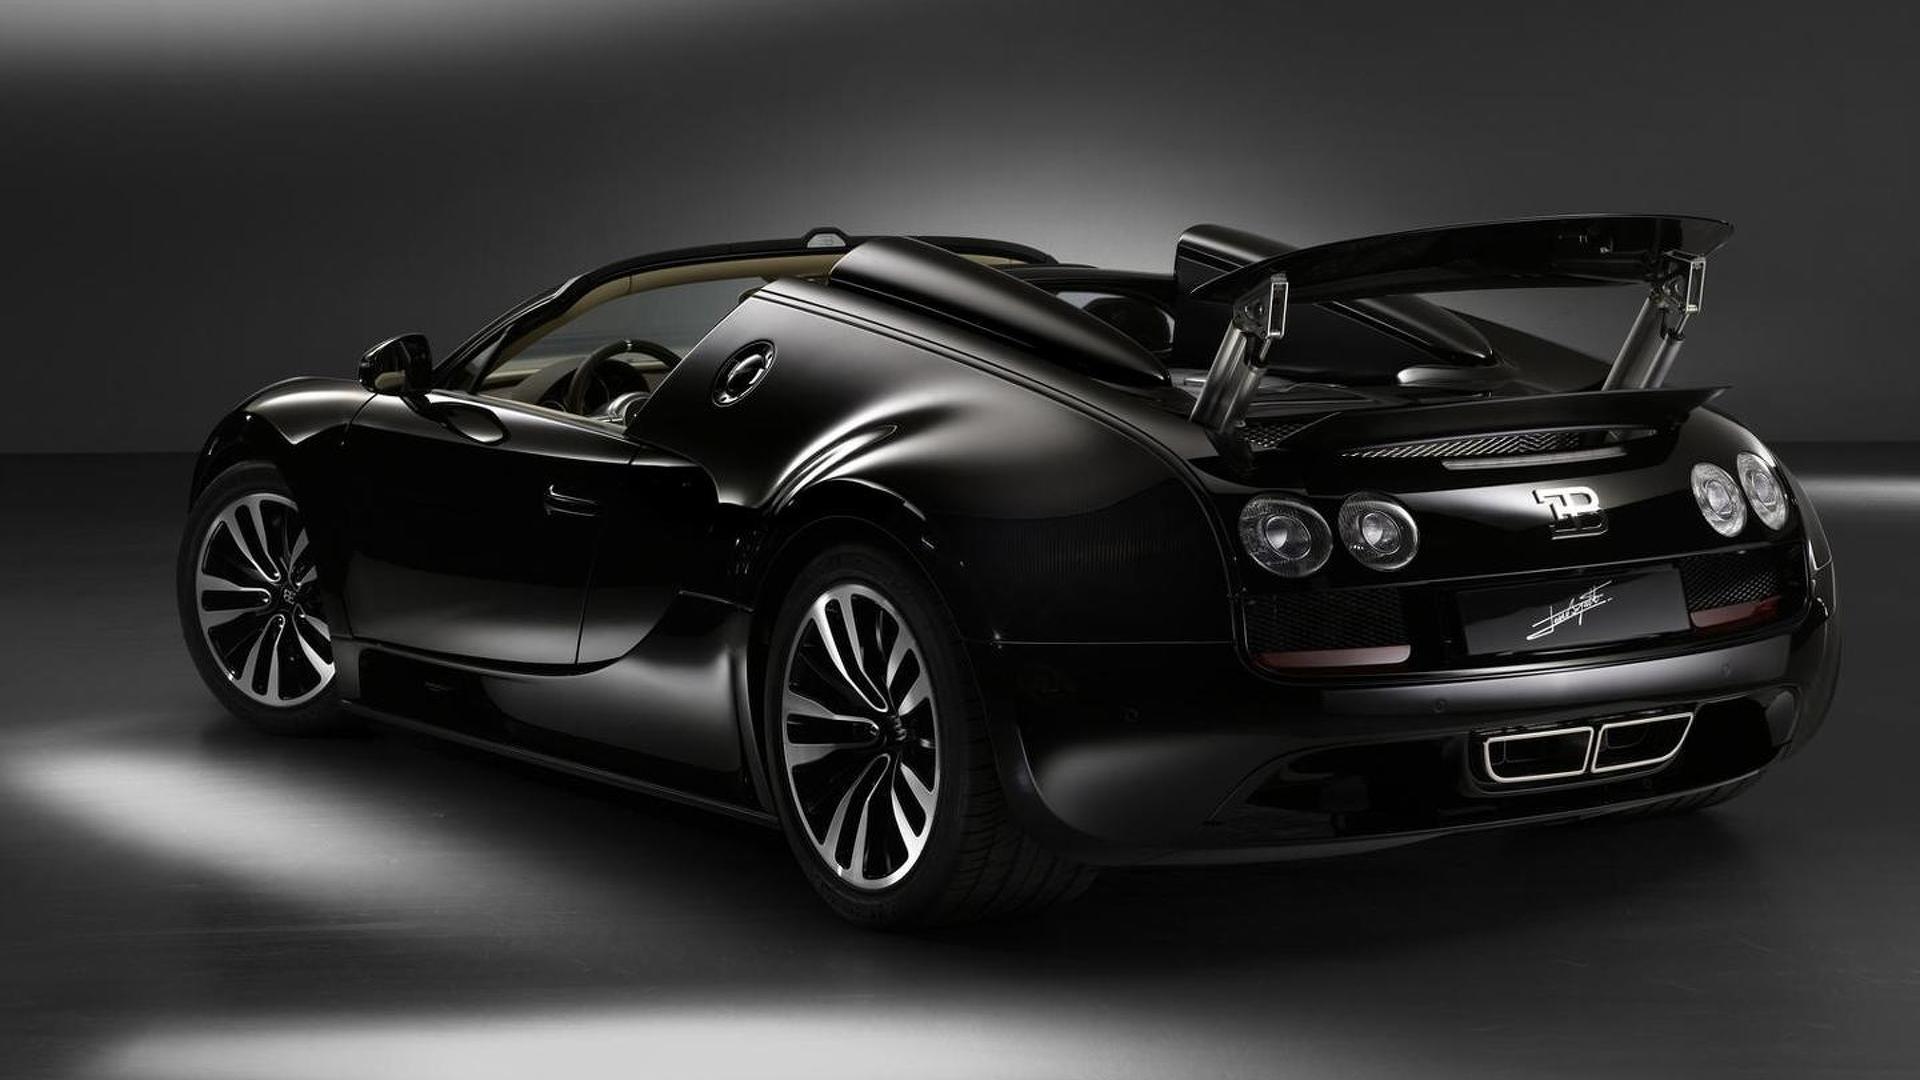 2013-409128-bugatti-veyron-grand-sport-vitesse-jean-bugatti-special-edition-09-09-20131 Fascinating Bugatti Veyron Grand Sport Vitesse Convertible Cars Trend